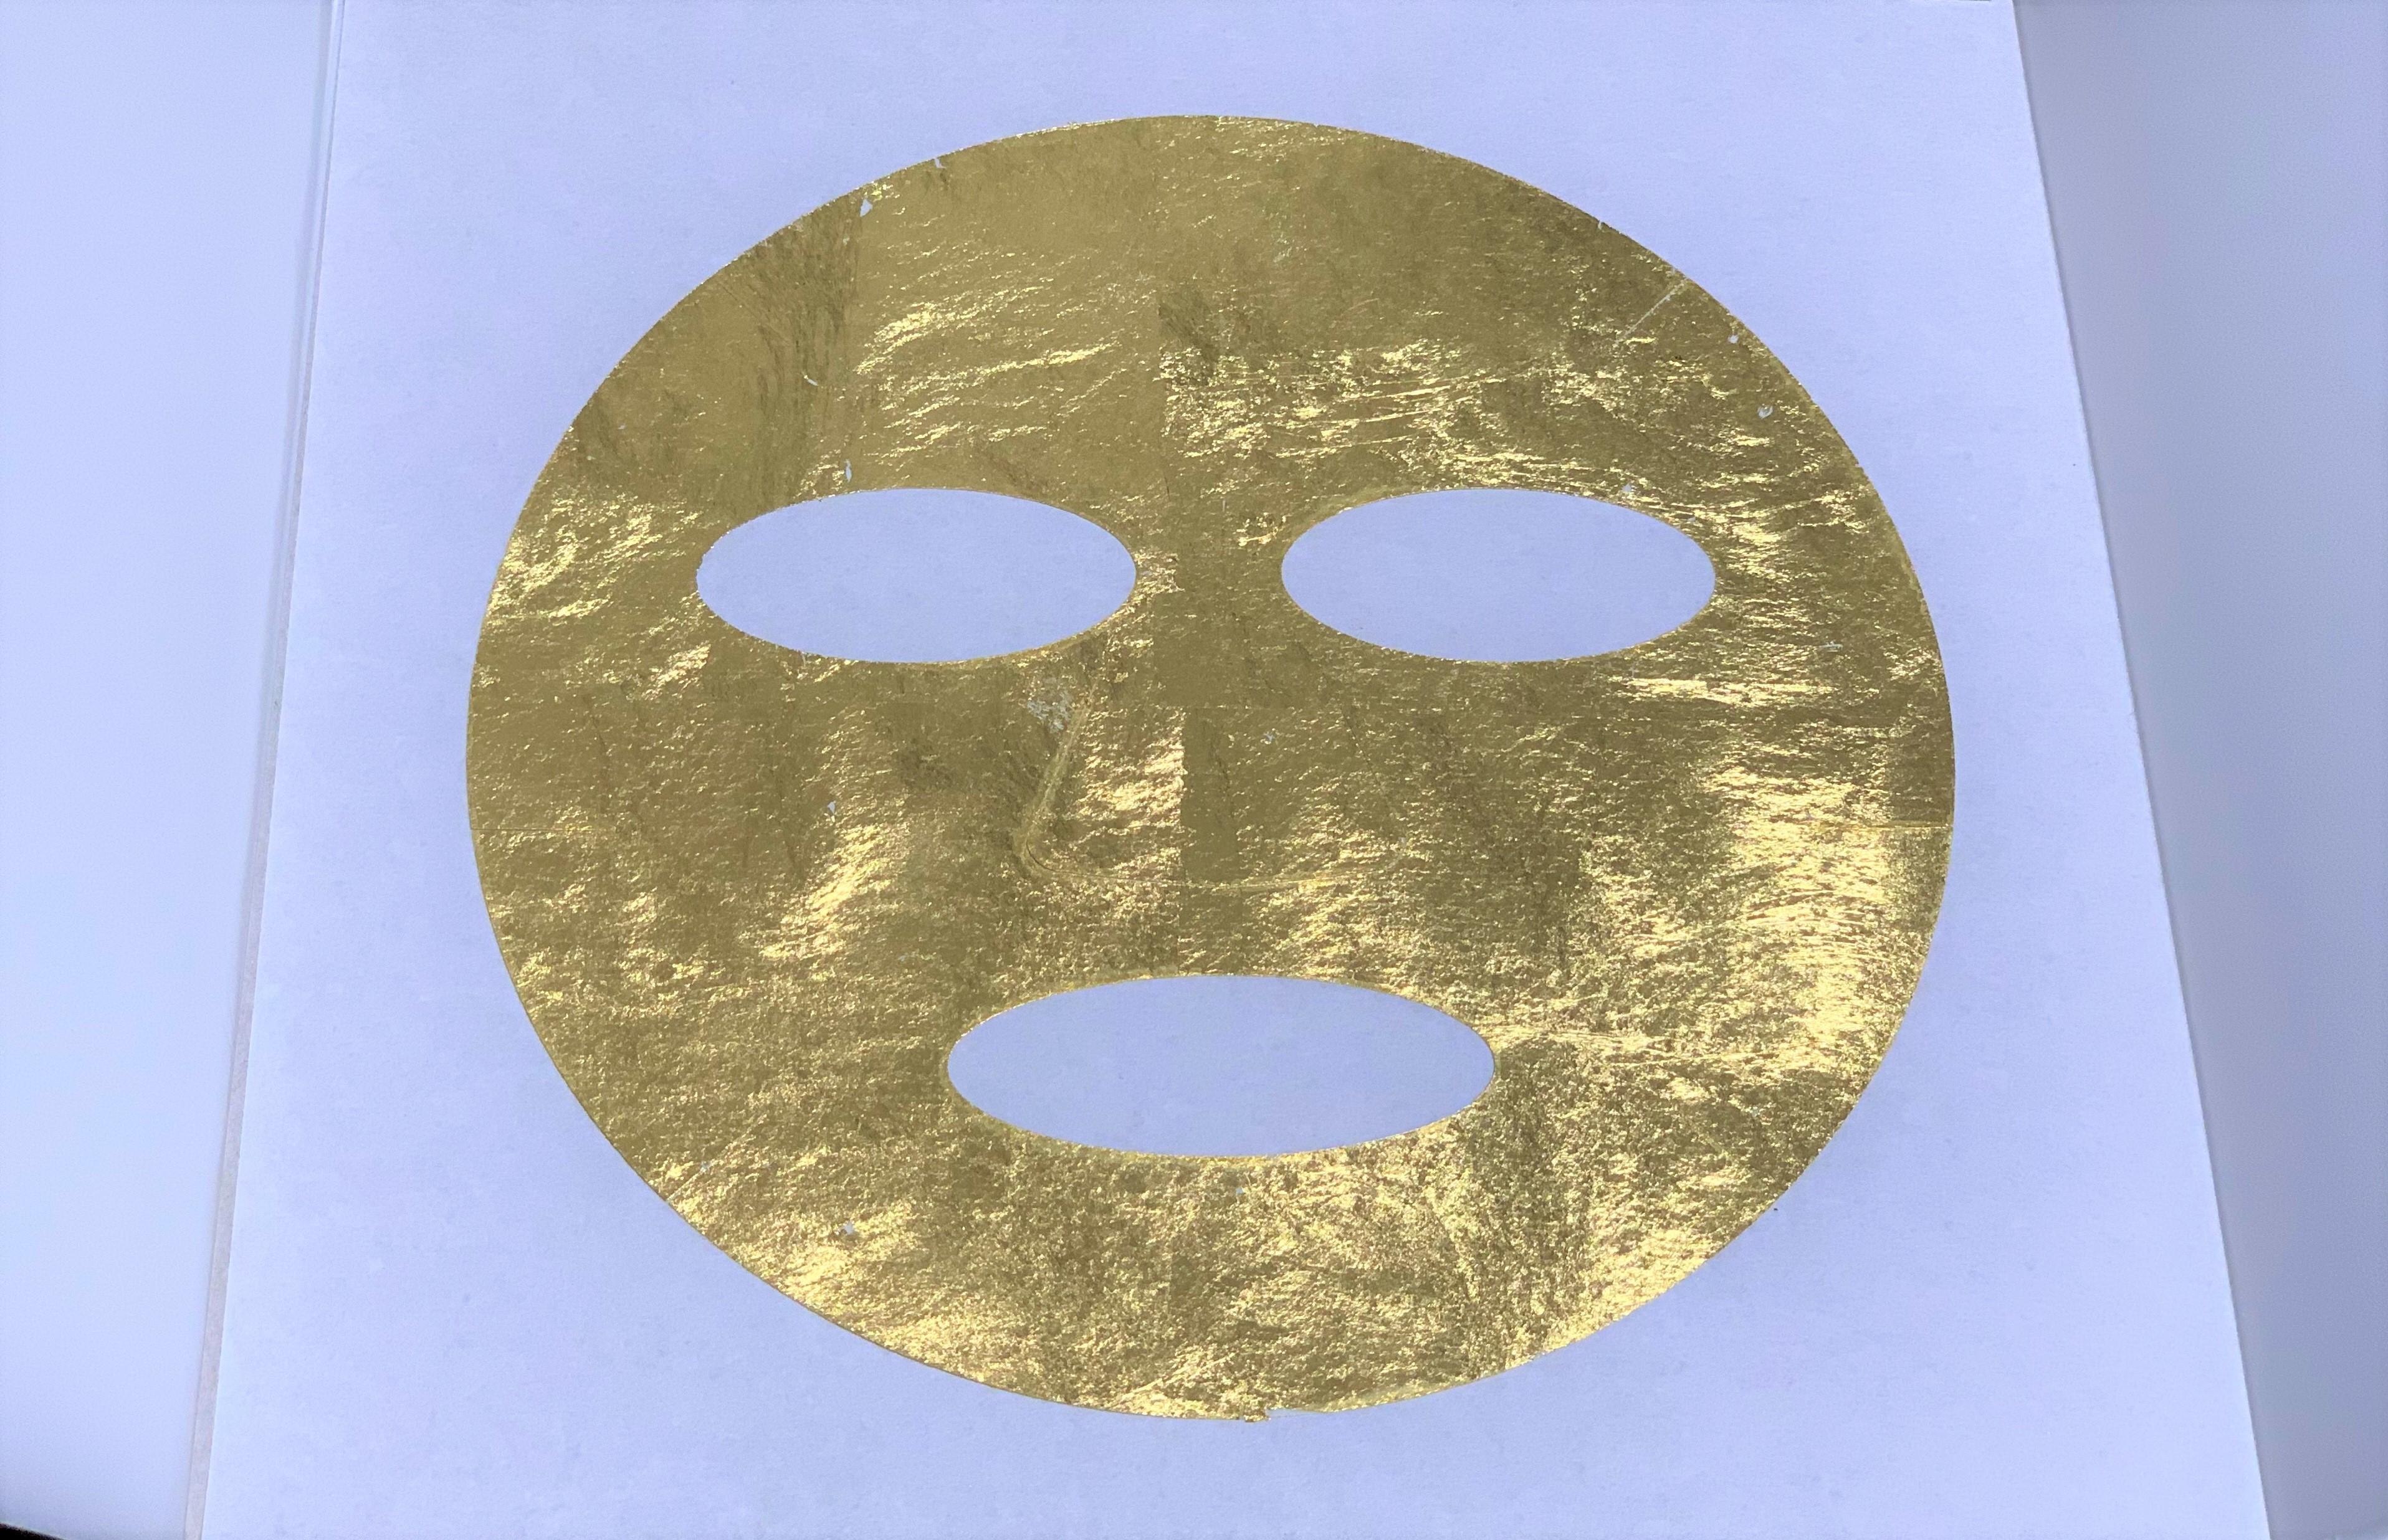 ほぼ純金な『金箔マスク』を買ってみた! 実際に顔にはり付けたところ、アレが誕生した話 / 中村製箔所